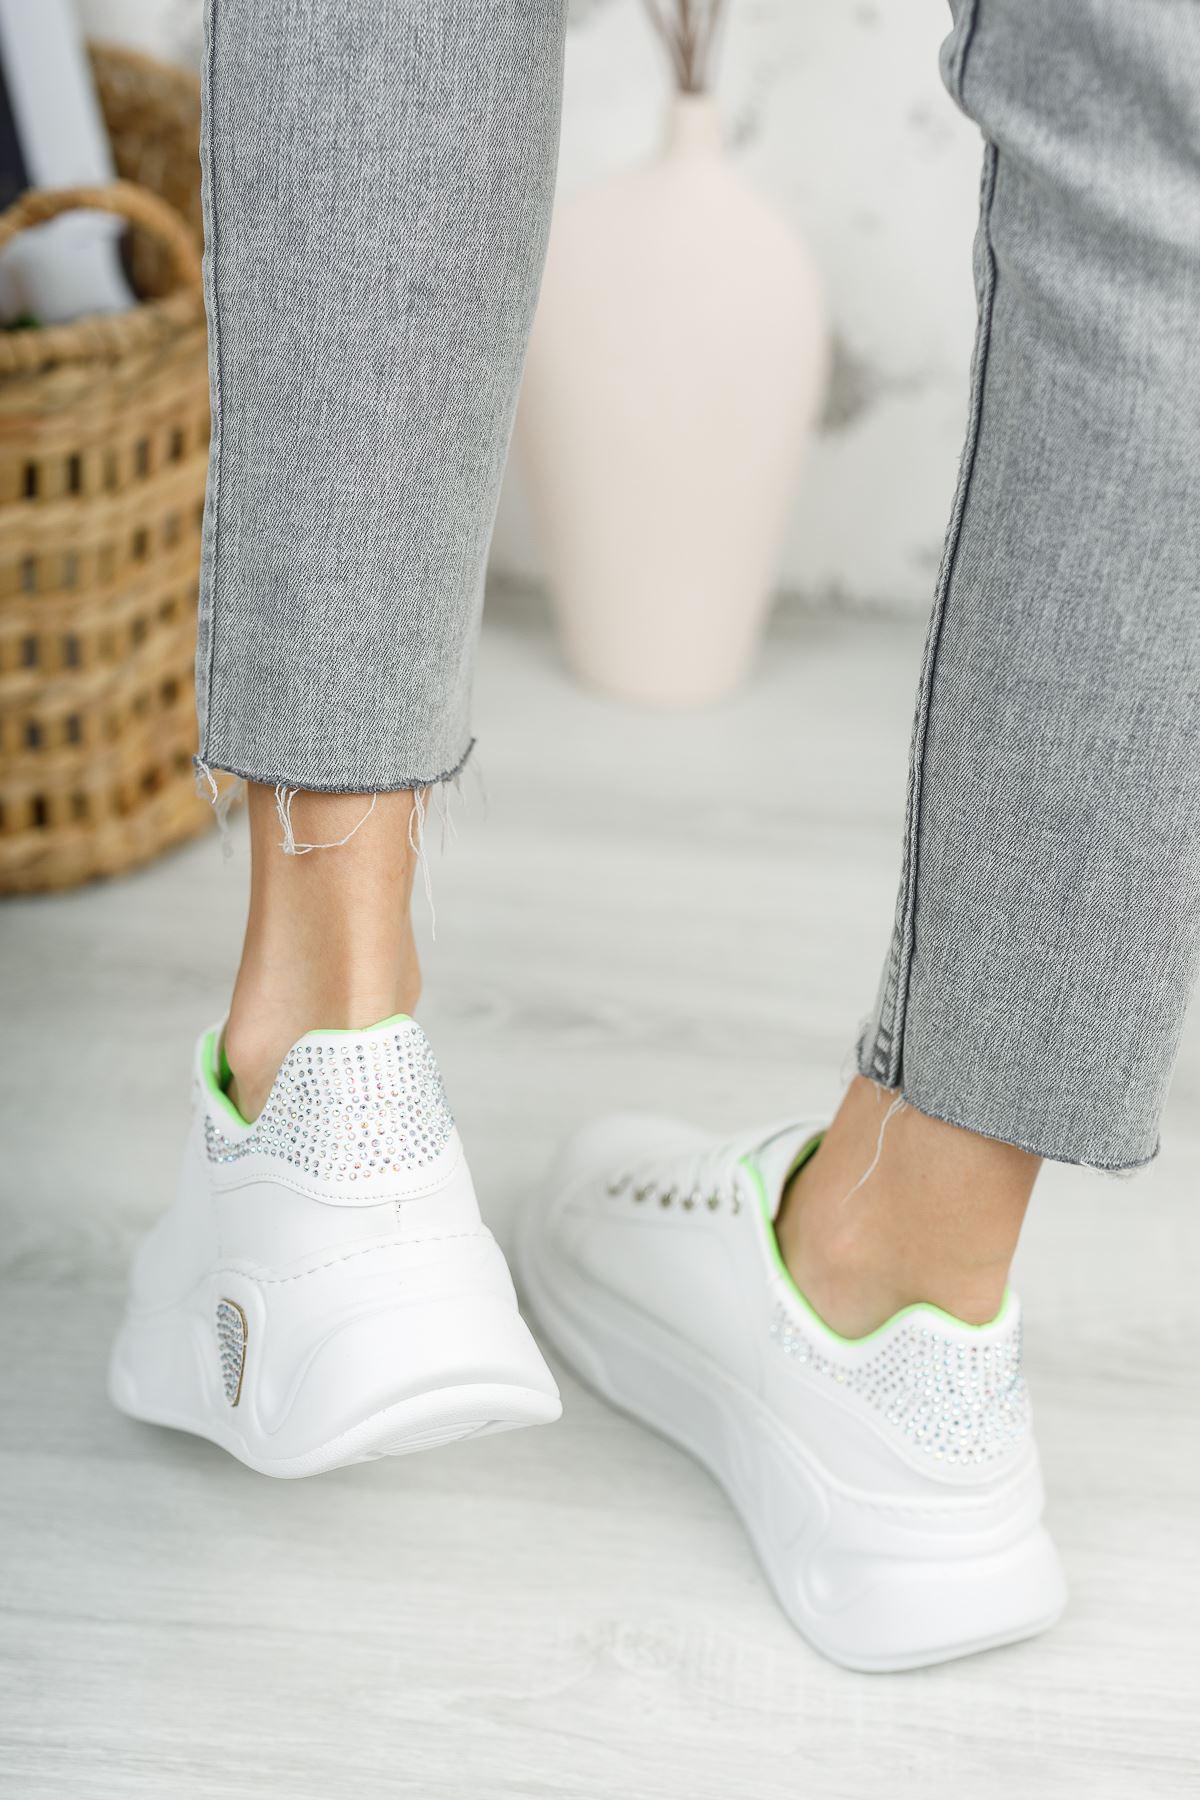 Kadın Taylor Taş Detay Kalın Taban Beyaz Spor Ayakkabı Bağcıklı Mat Deri